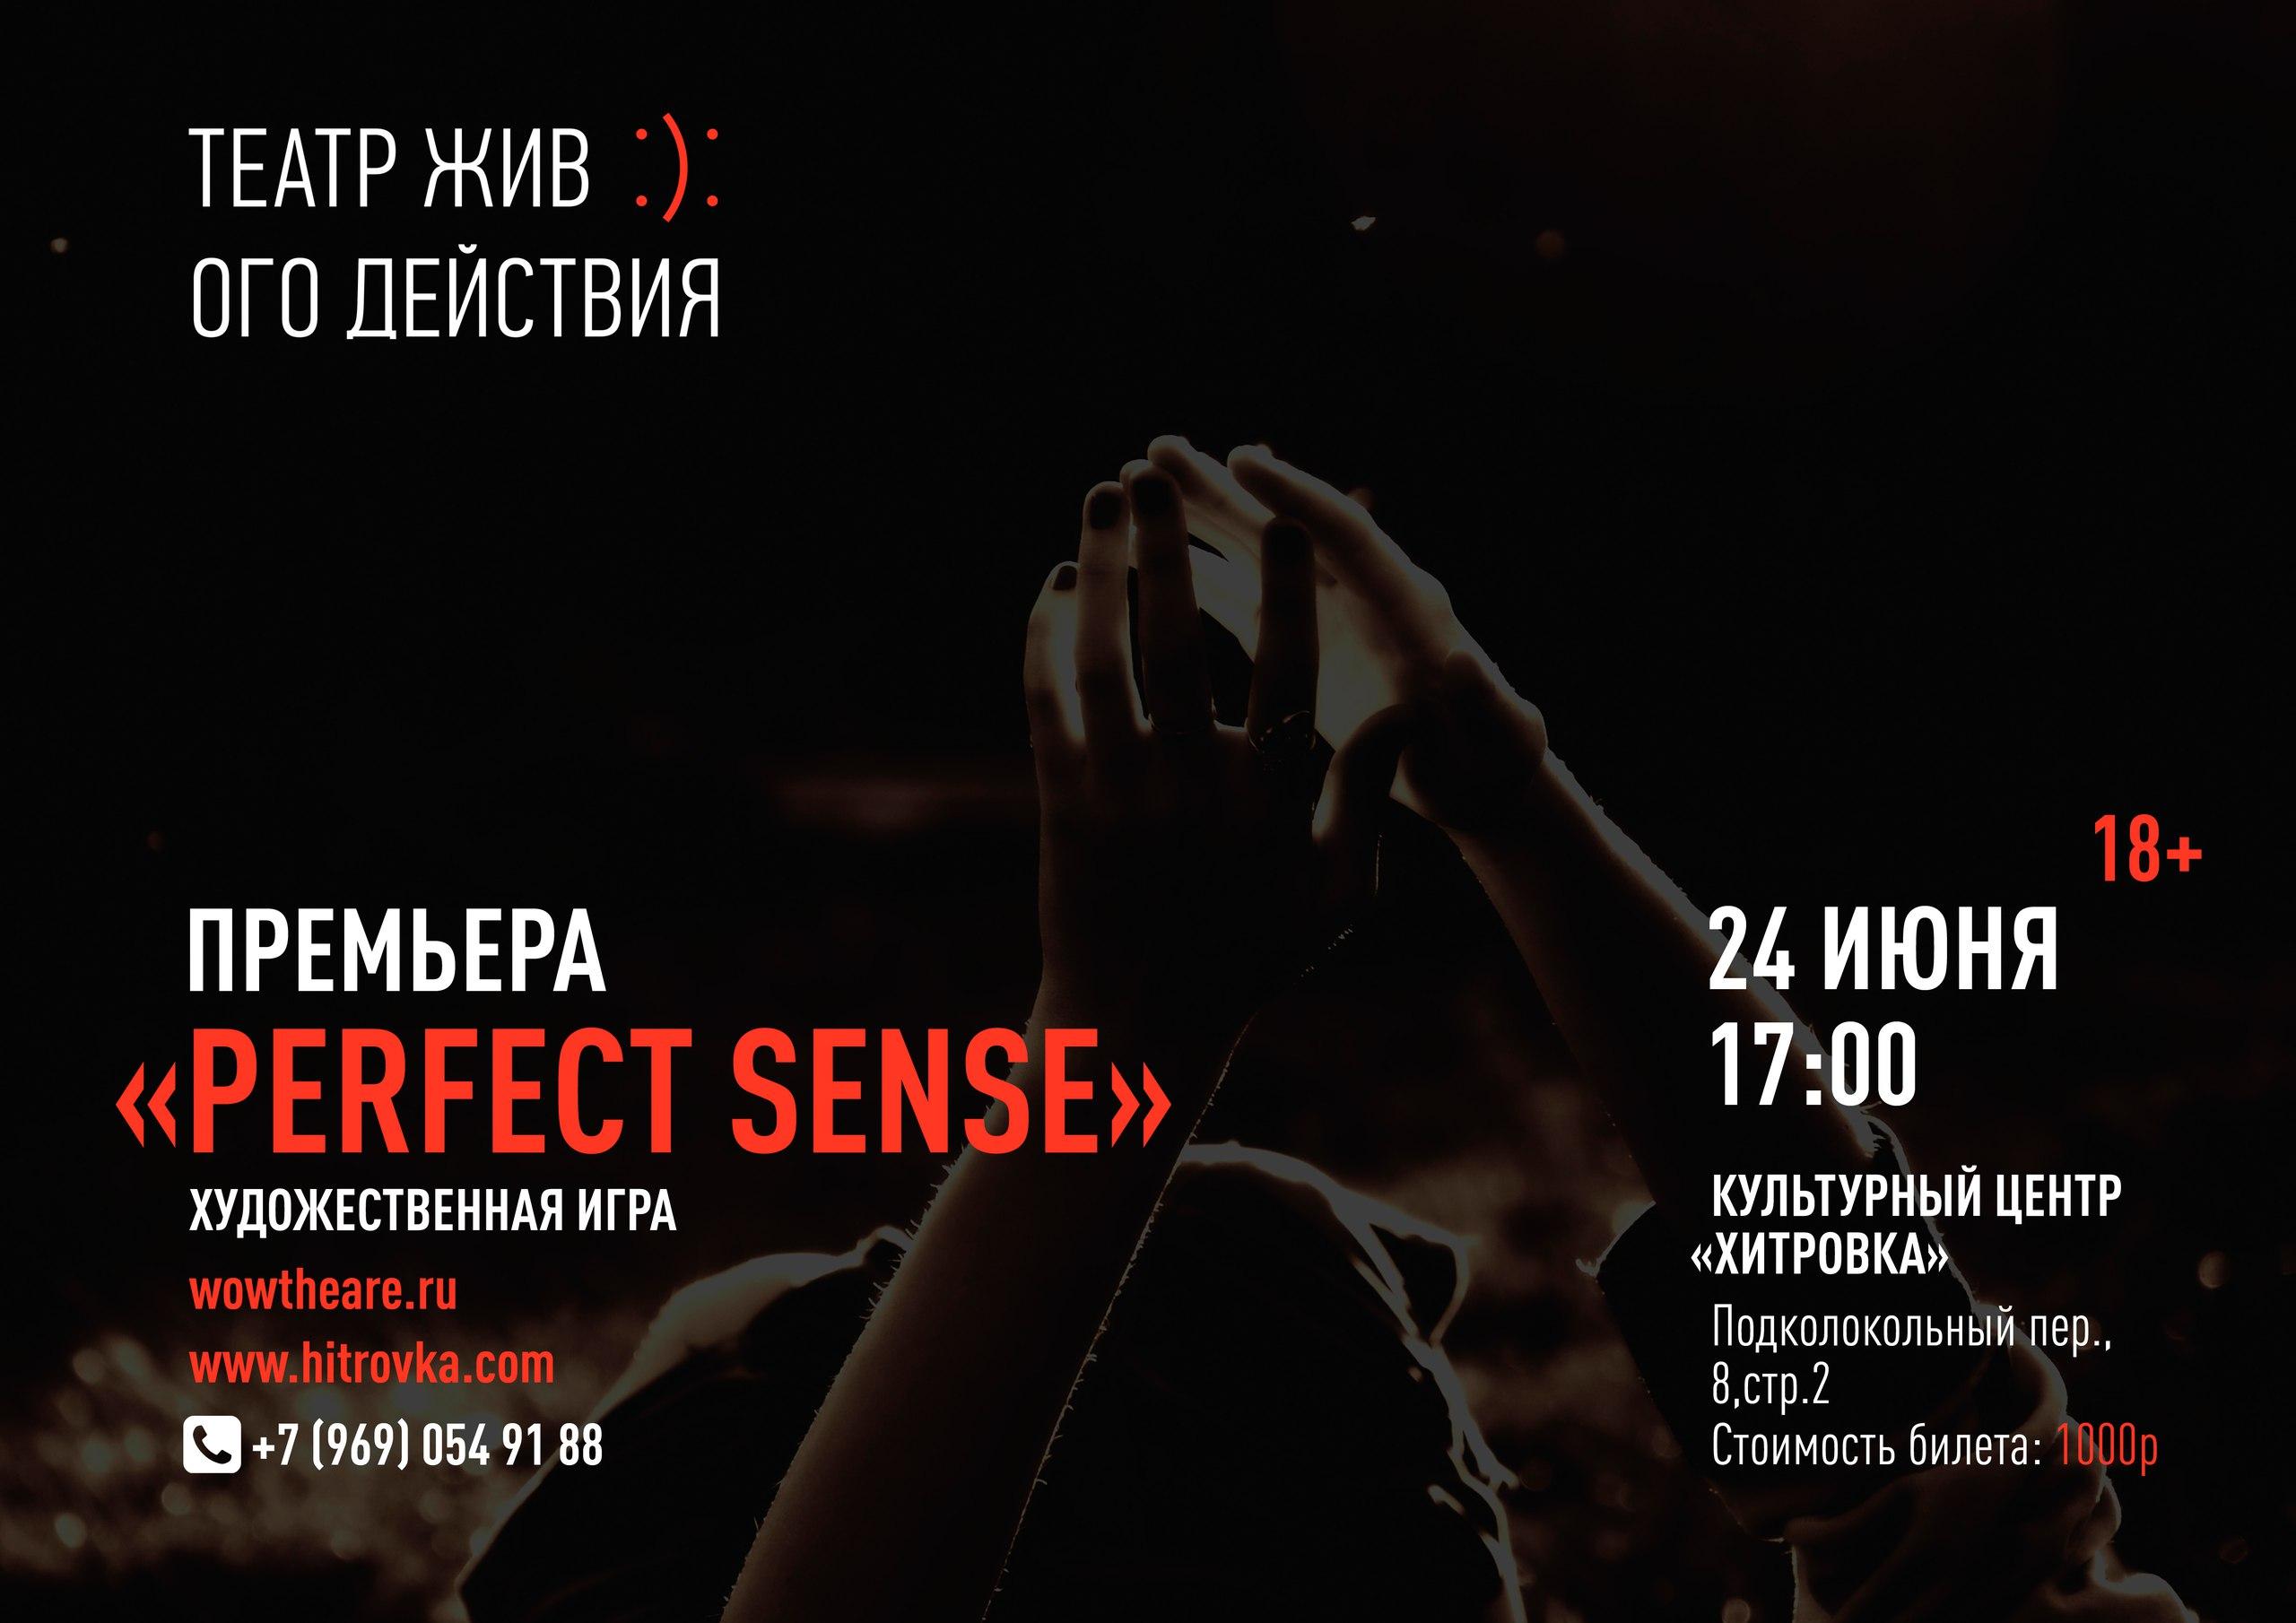 24 июня — премьера художественной игры «Perfect sense»